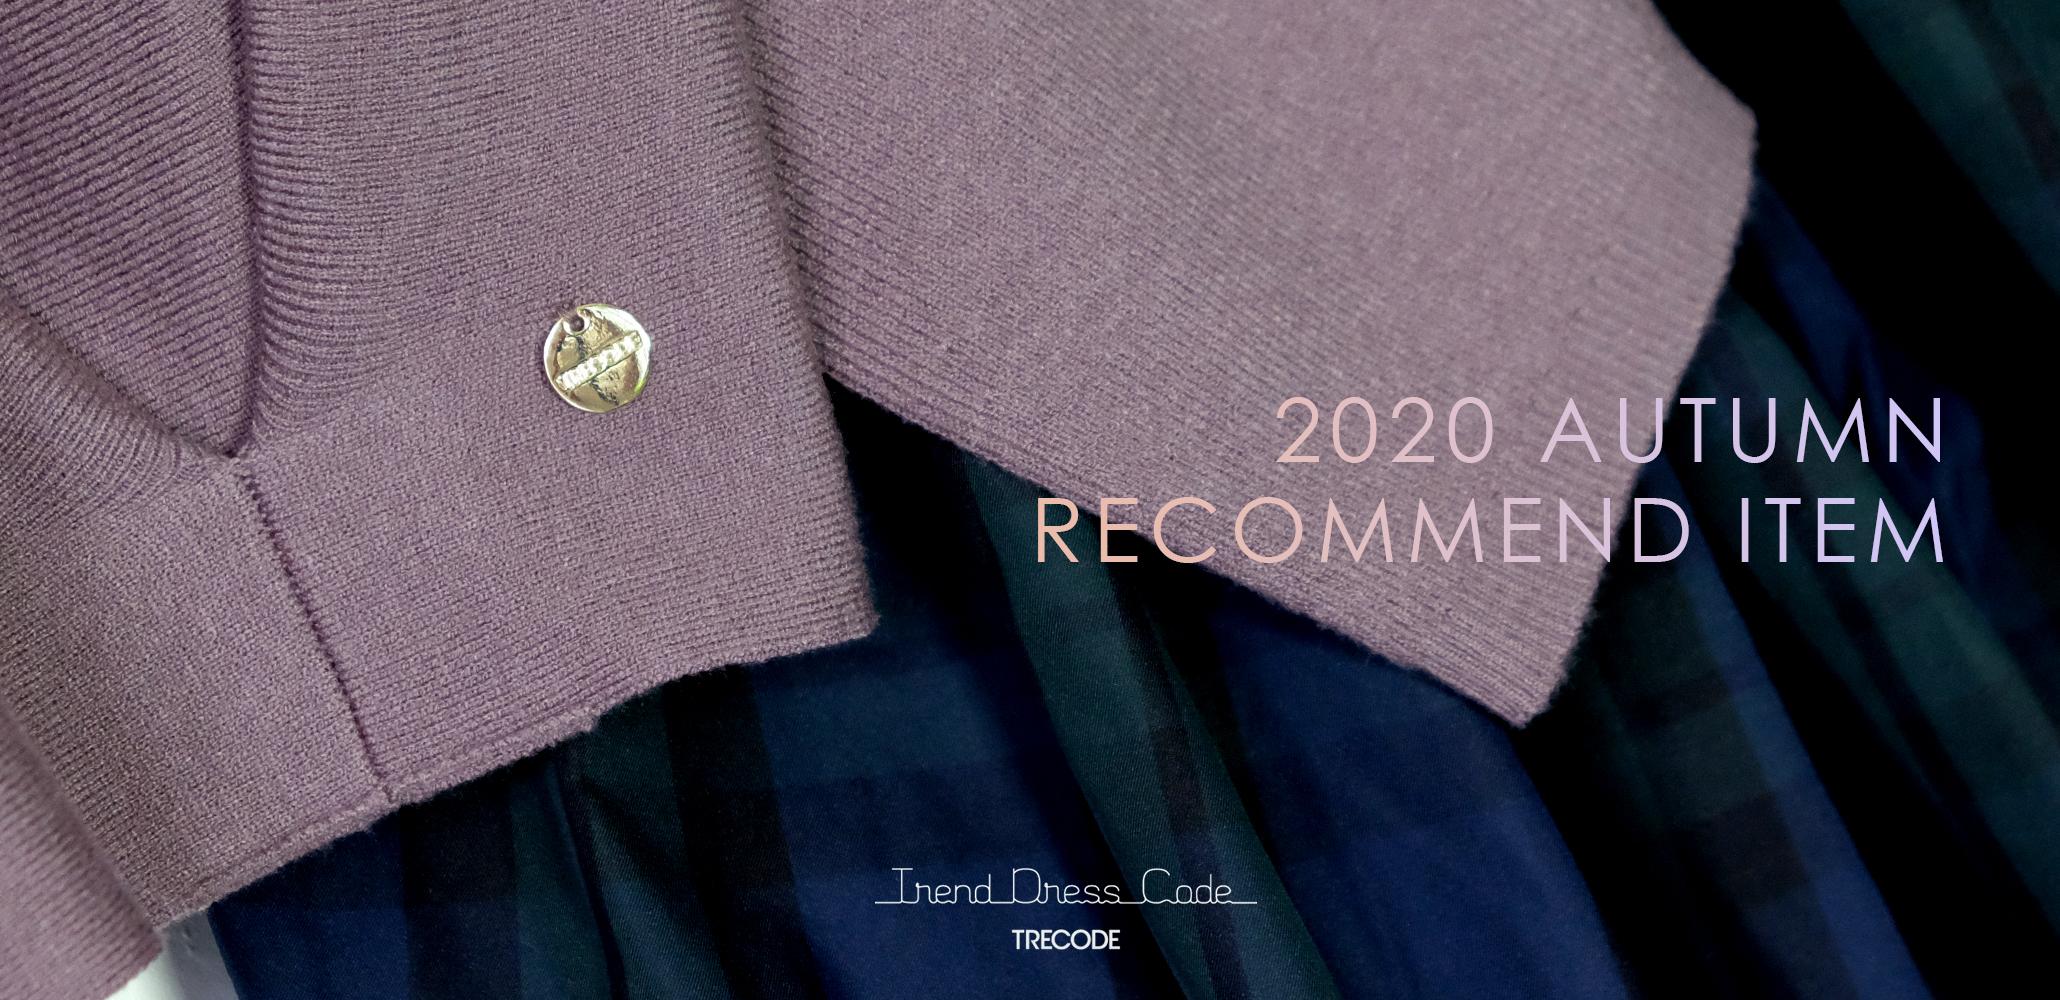 TRECODE2020秋のおすすめアイテム